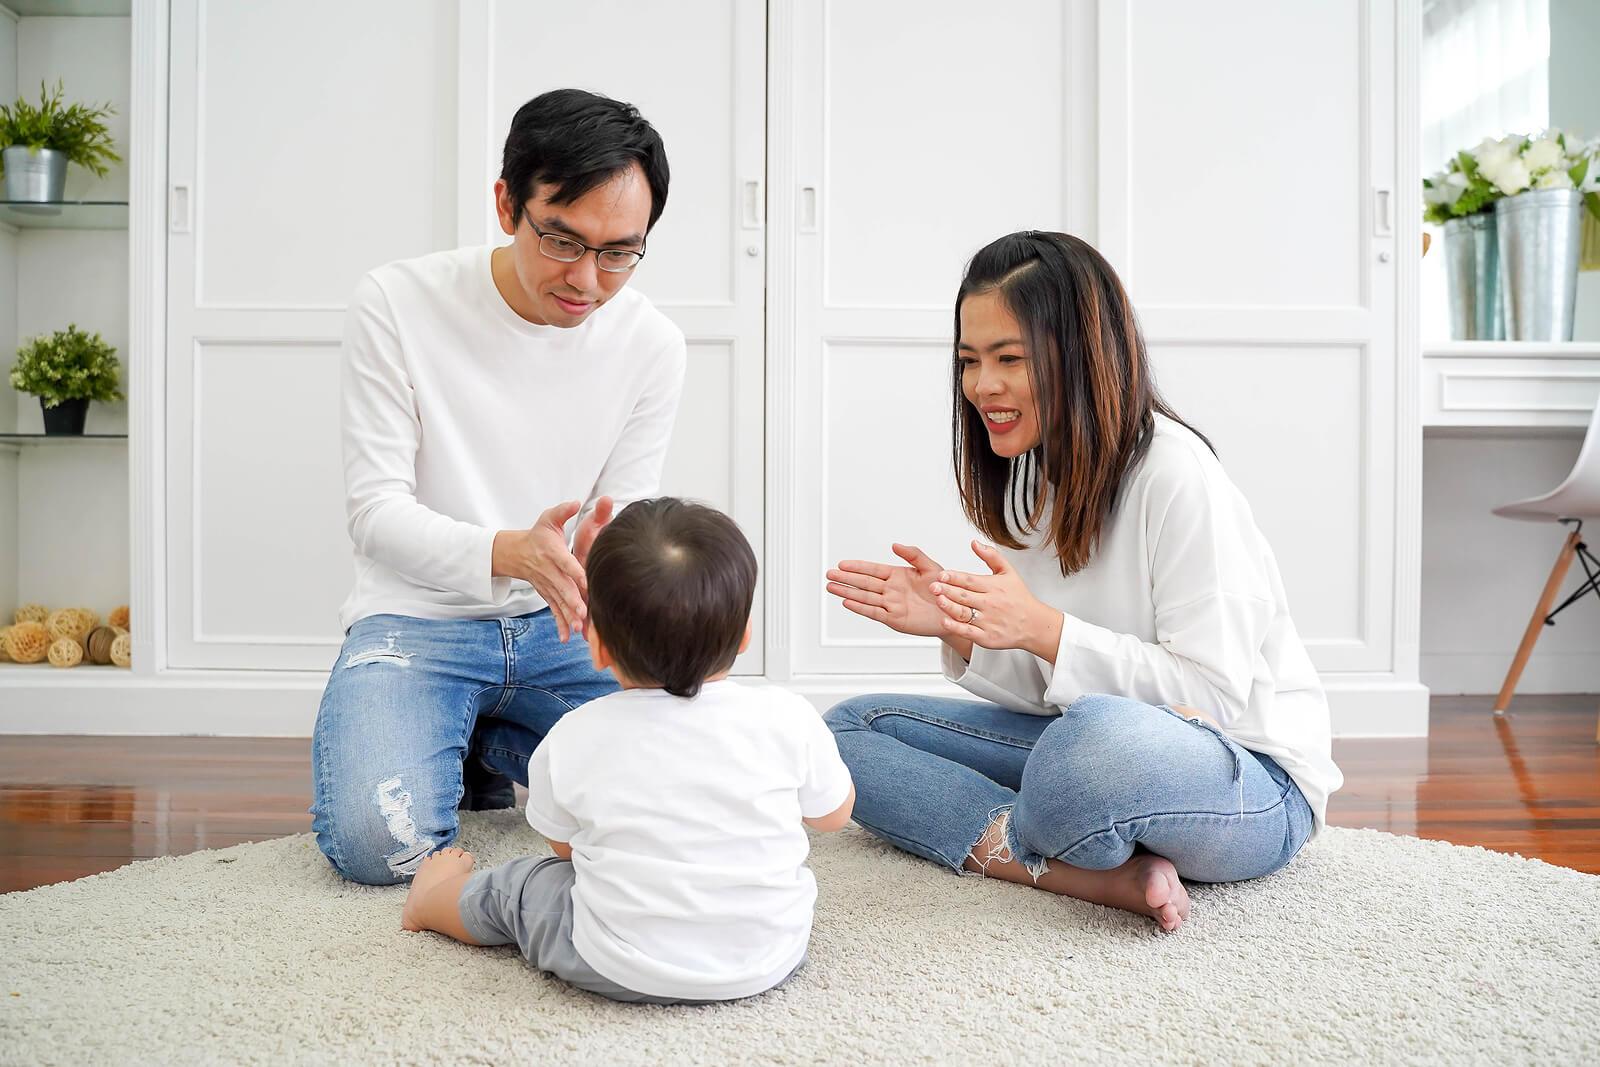 Padre jugando con su hijo para estimular el lenguaje en casa.